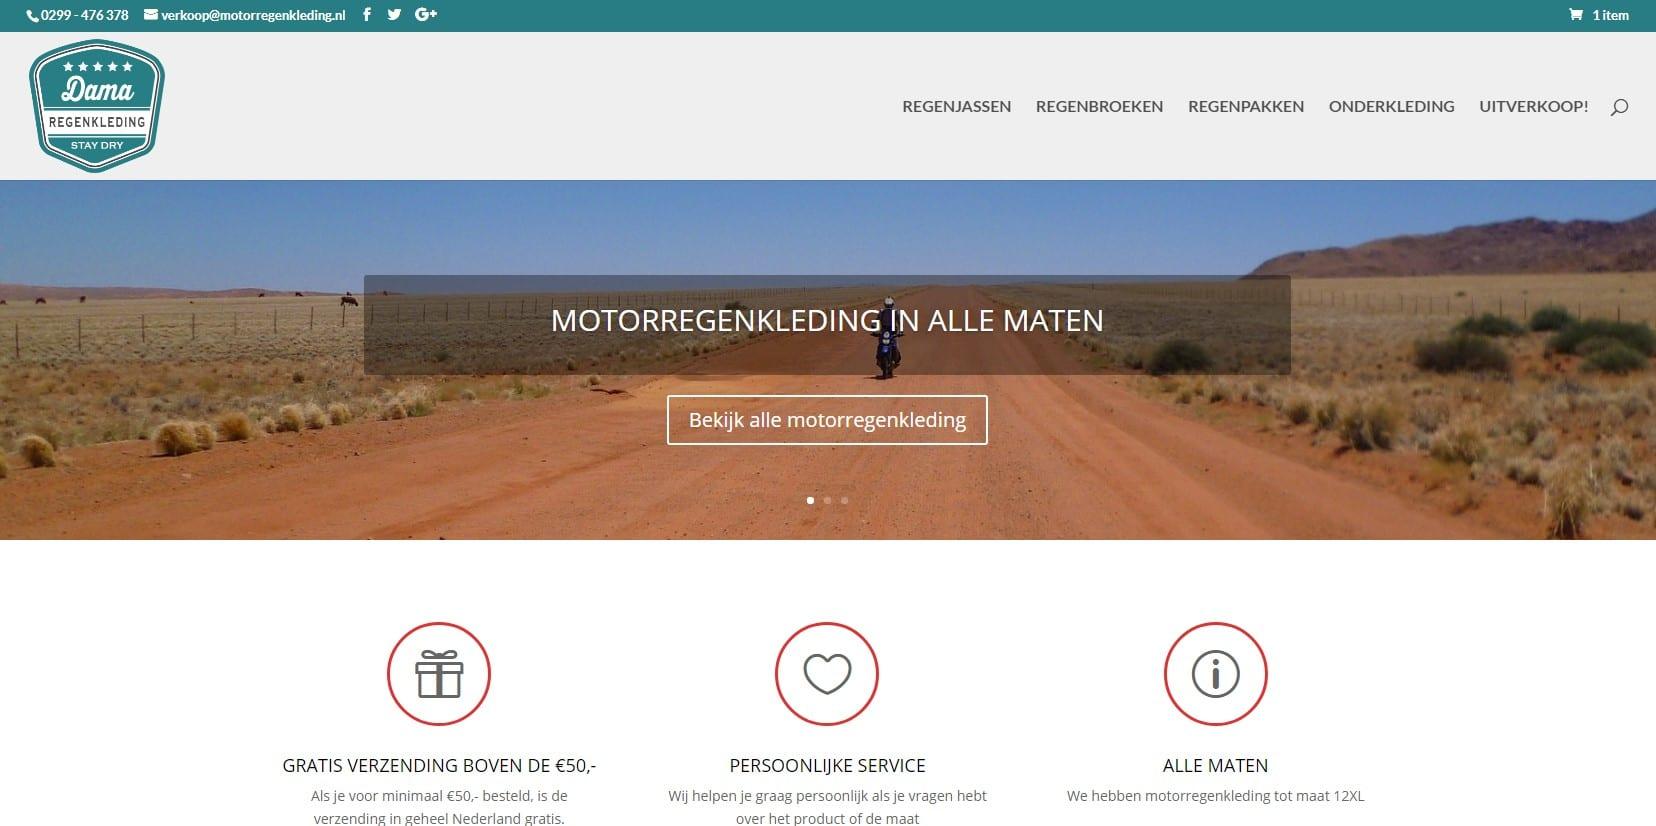 Dama regenkleding - een webshop voor motorkleding